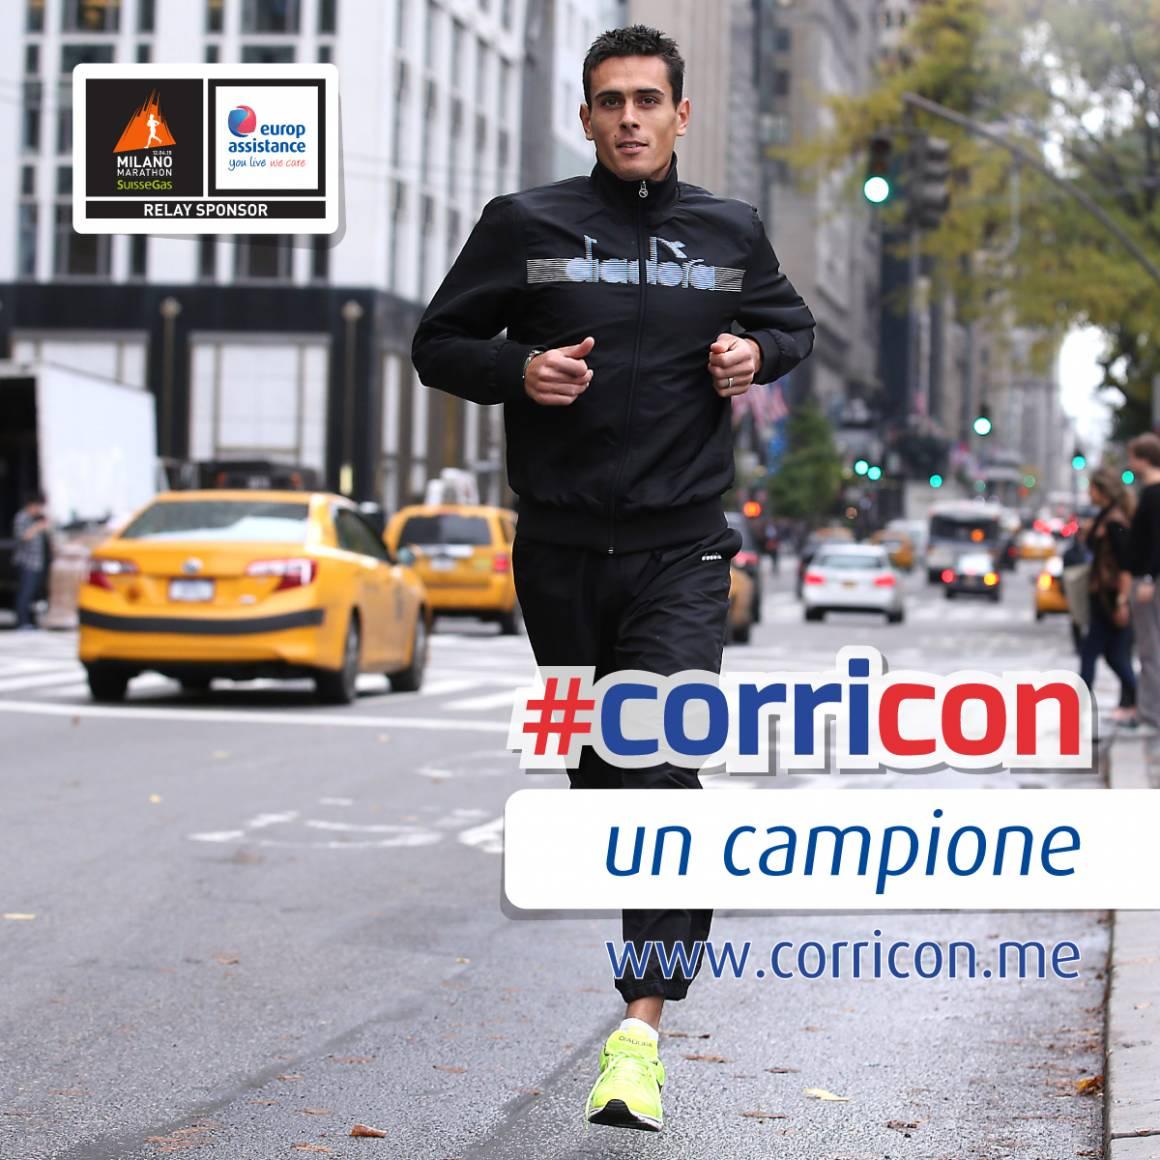 Corricon un campione challenge Europ Assistance 1160x1160 - #corricon Europ Assistance e Daniele Meucci: c'è tempo fino al 3 aprile